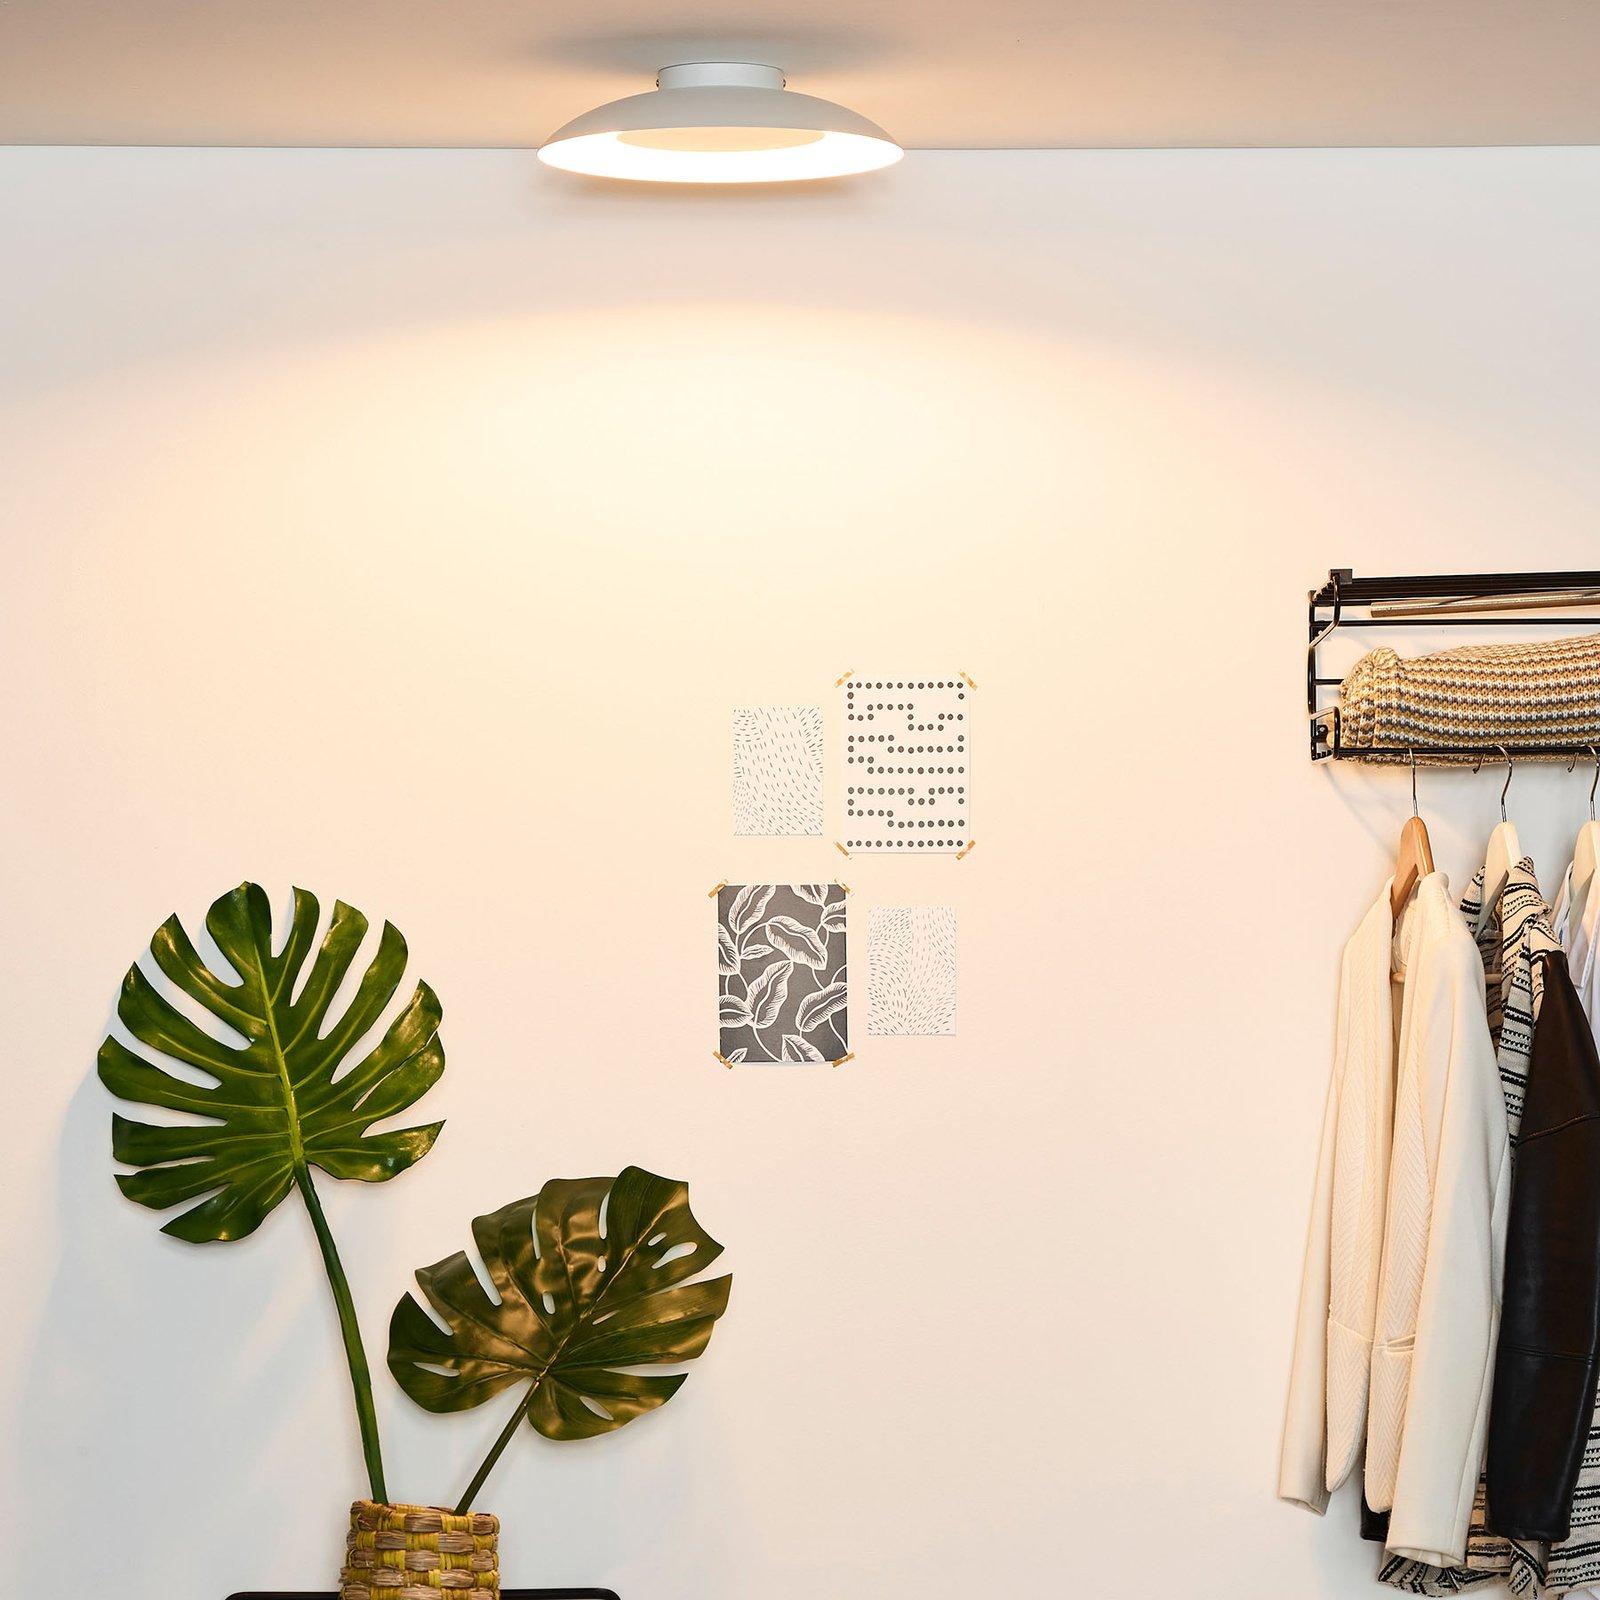 Foskal LED-taklampe i hvitt, Ø 34,5 cm